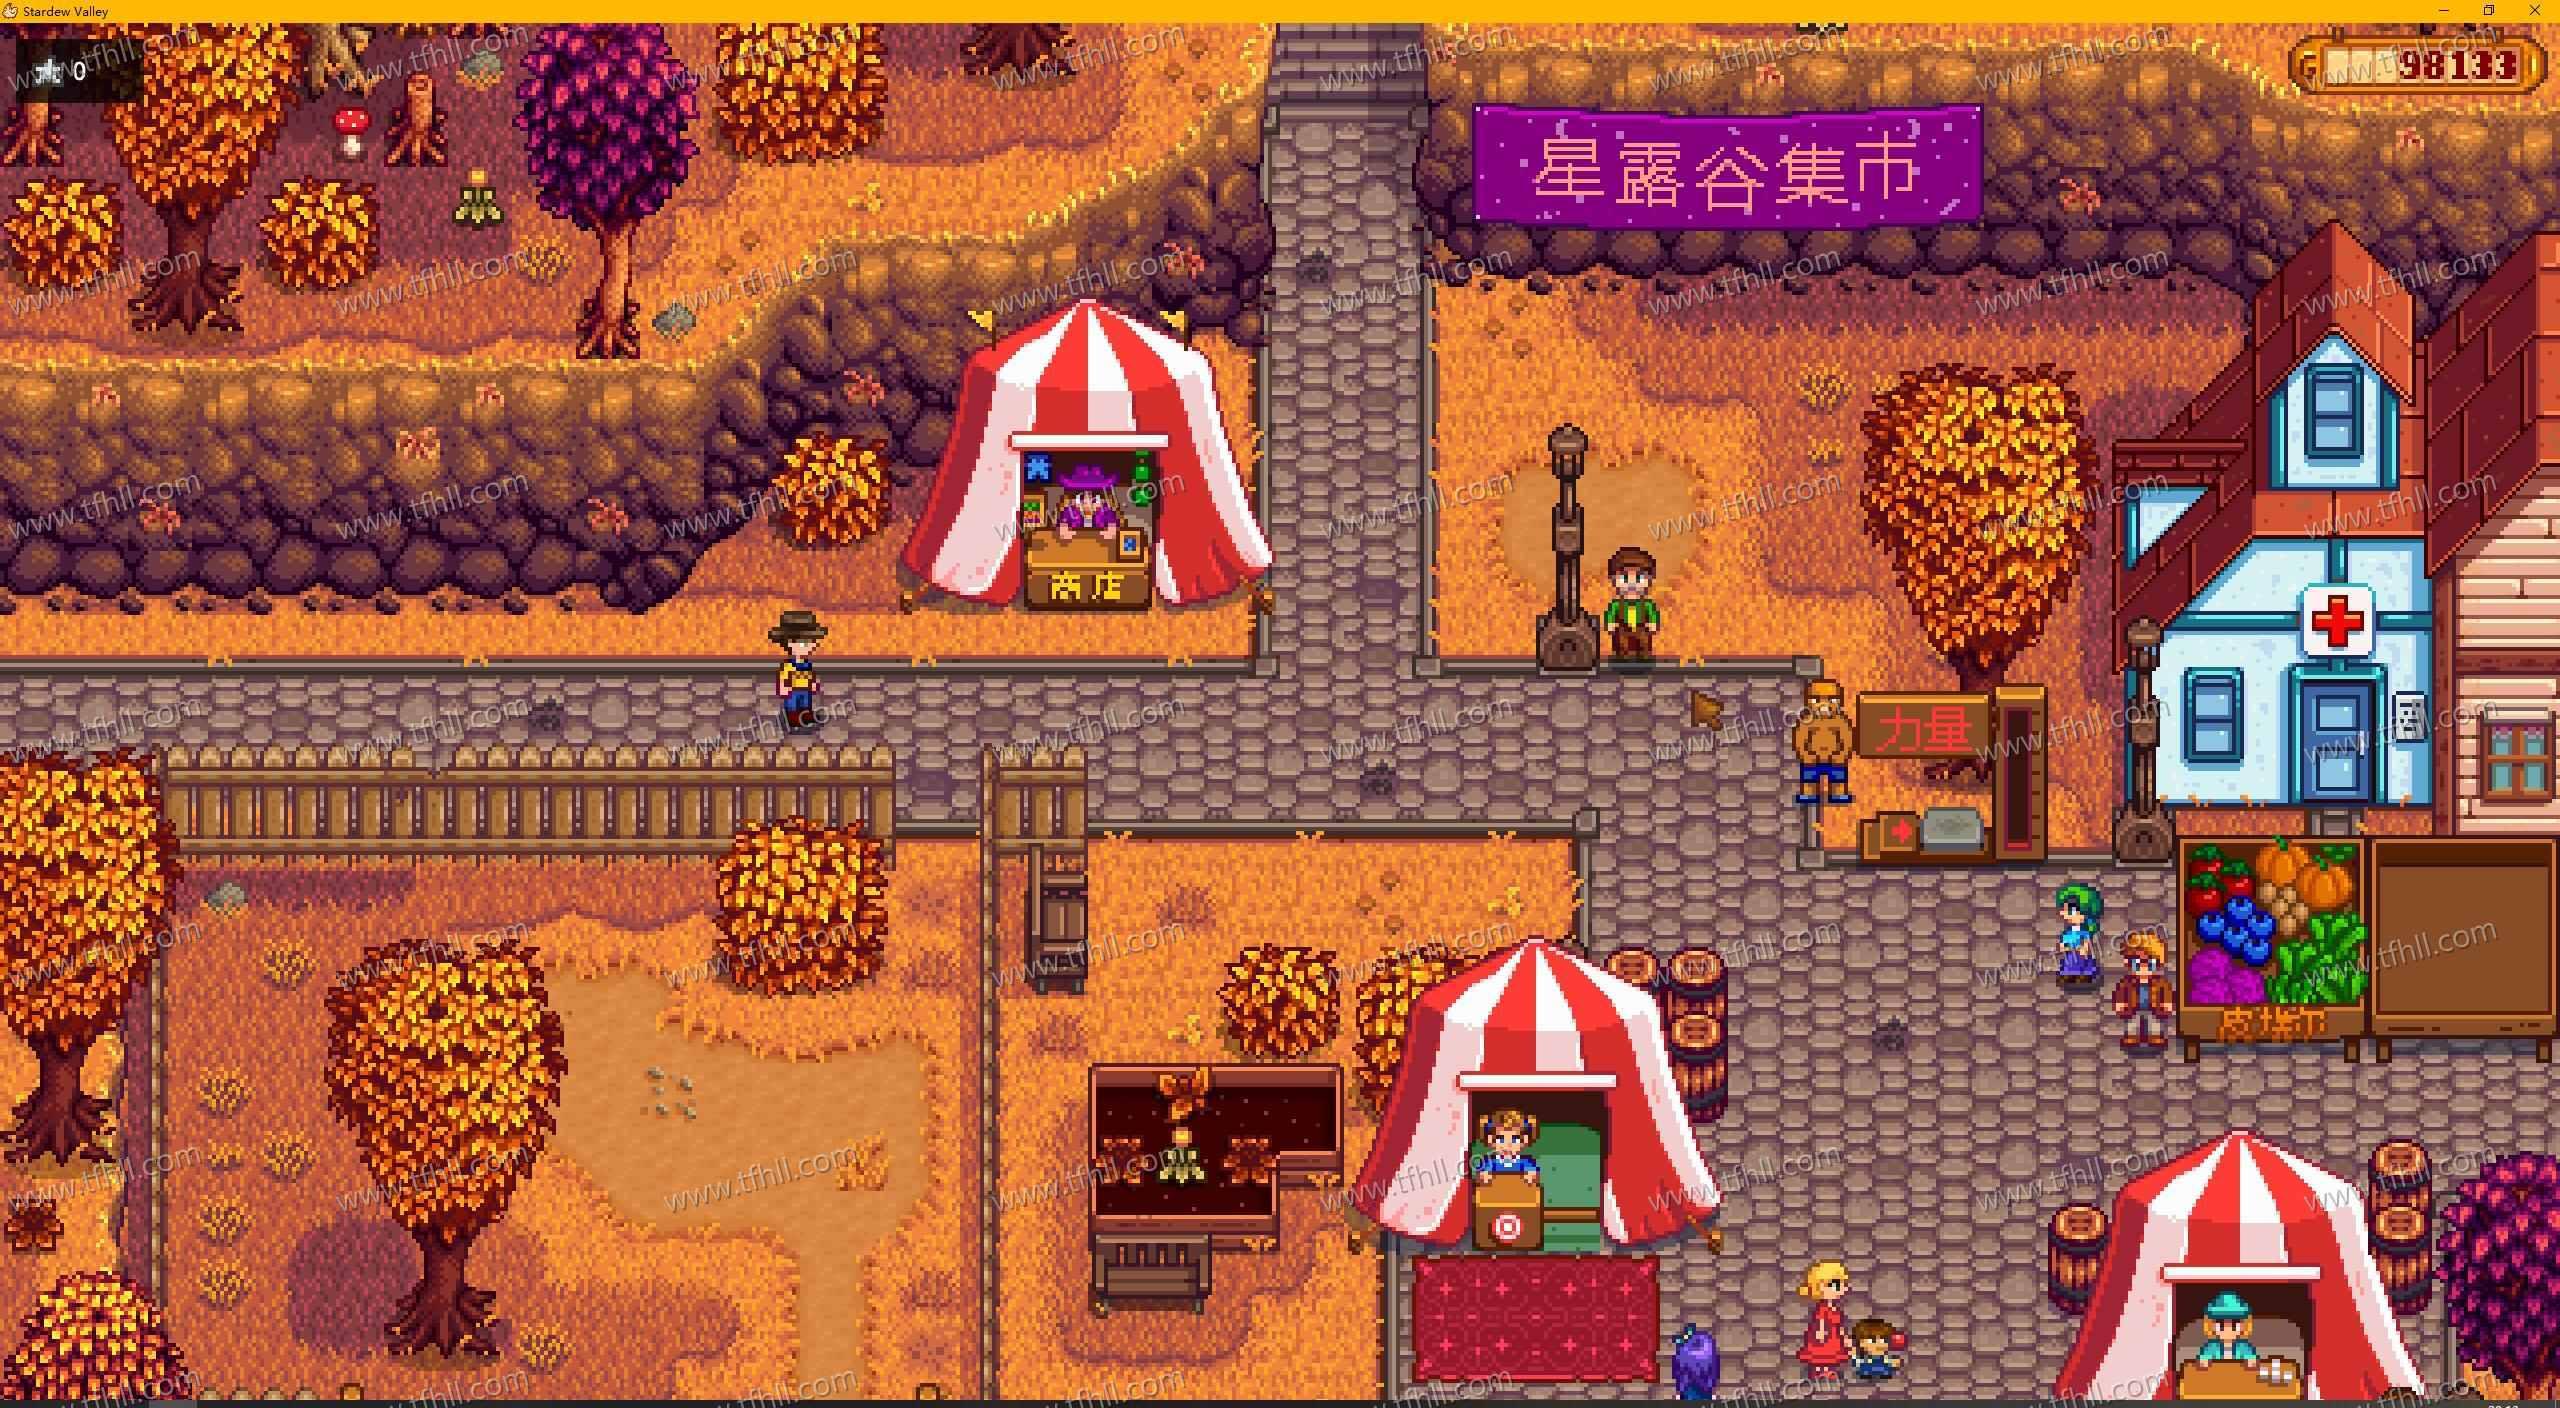 这款休闲种地游戏《星露谷物语》,不能我一个人肝,都来玩吧!图片 No.9